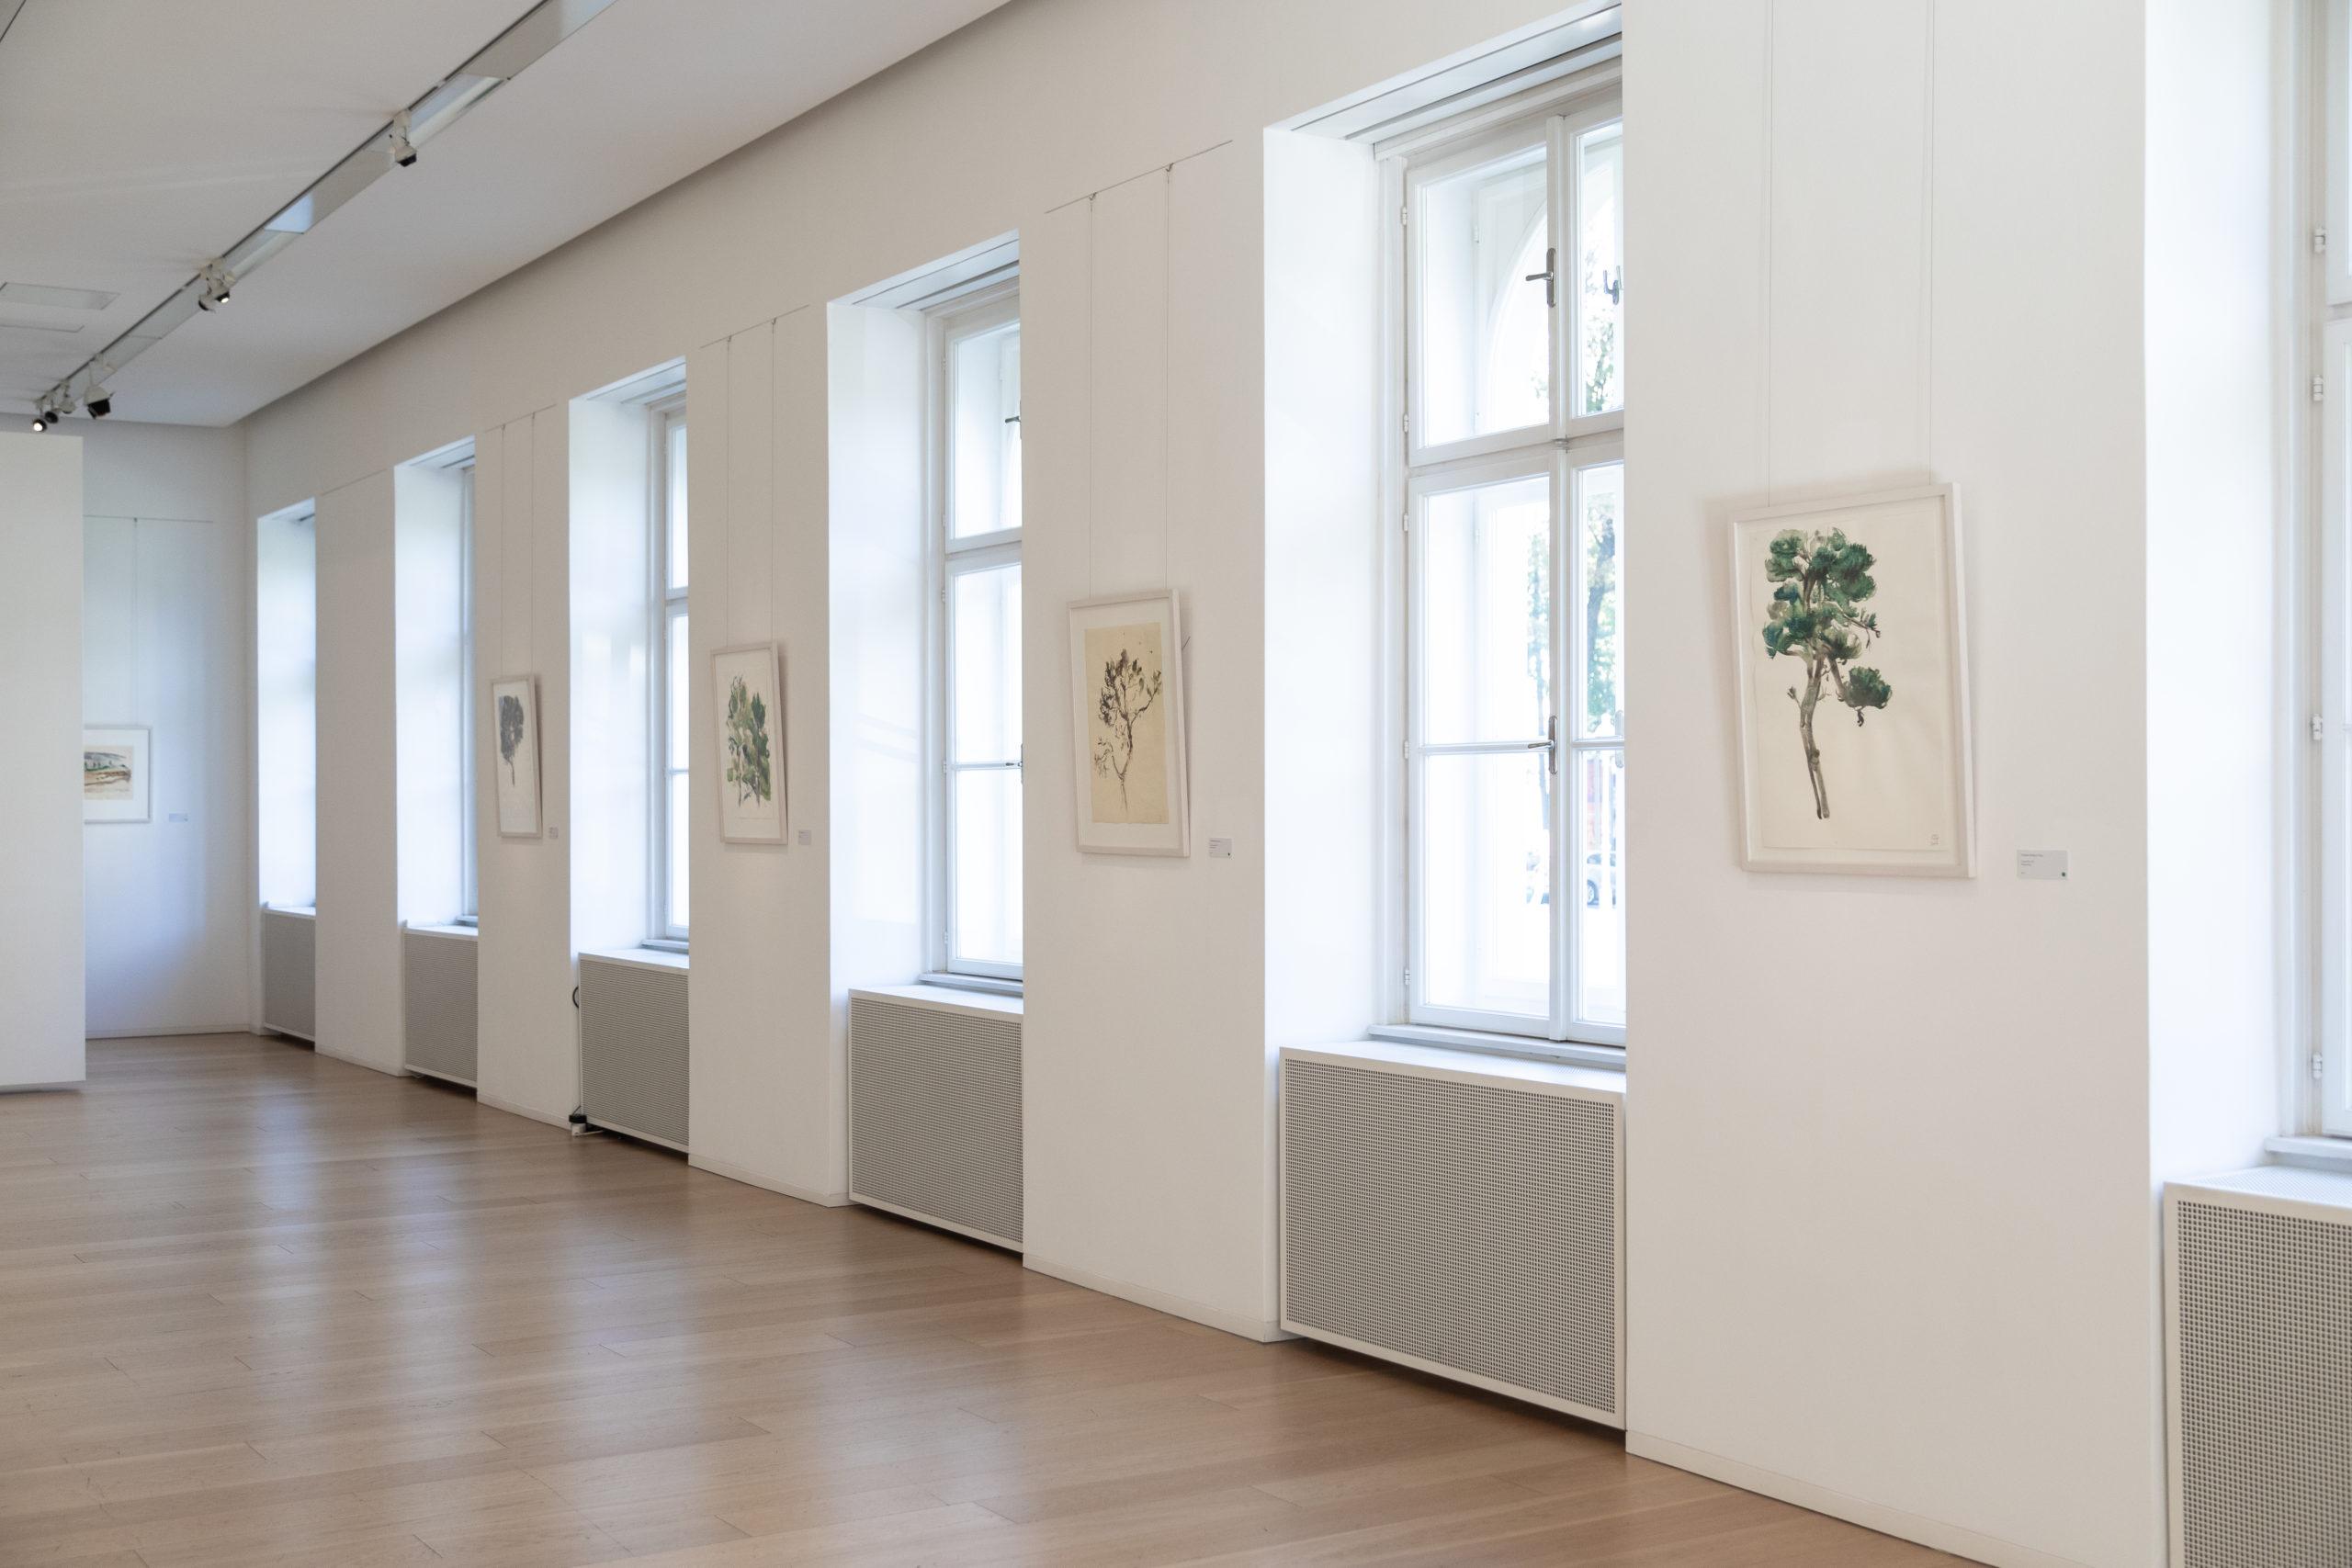 ©Orlando Mostyn Owen, KLV Art Vienna, 2019